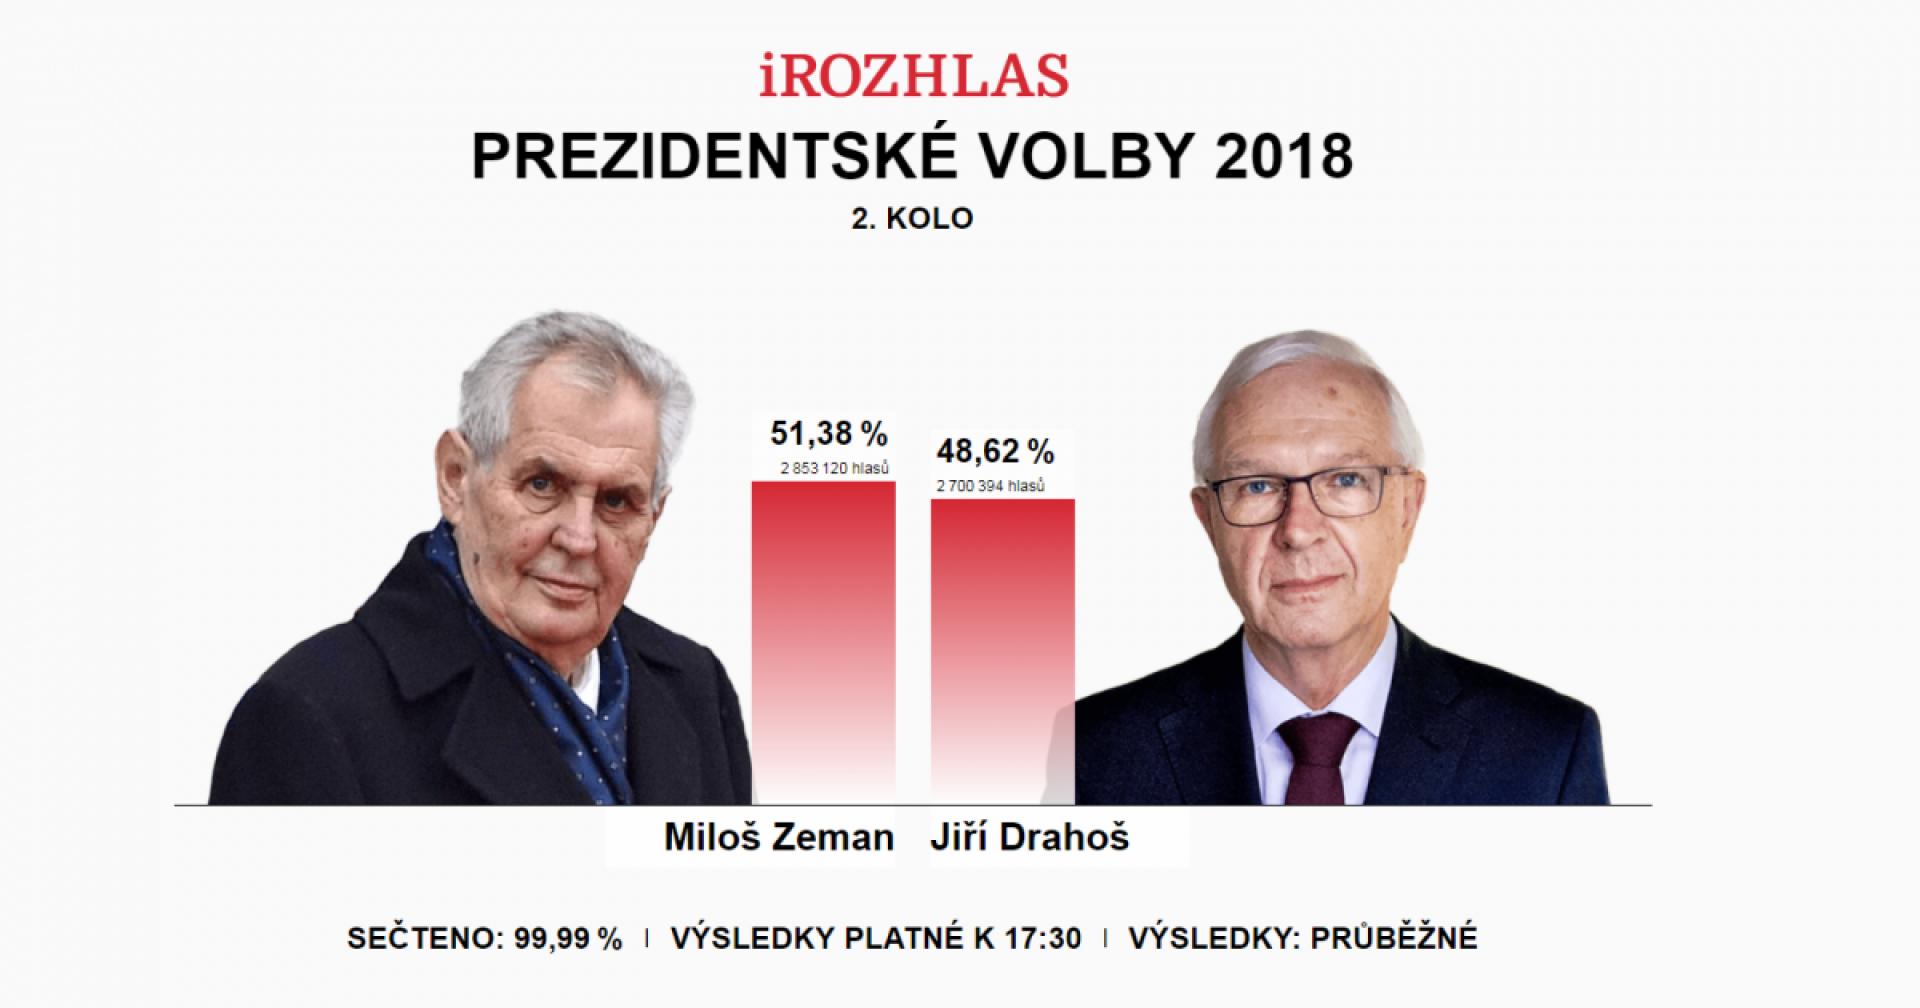 Volební účast ve druhém kole prezidentské volby 2018. Zdroj: iRozhlas.cz